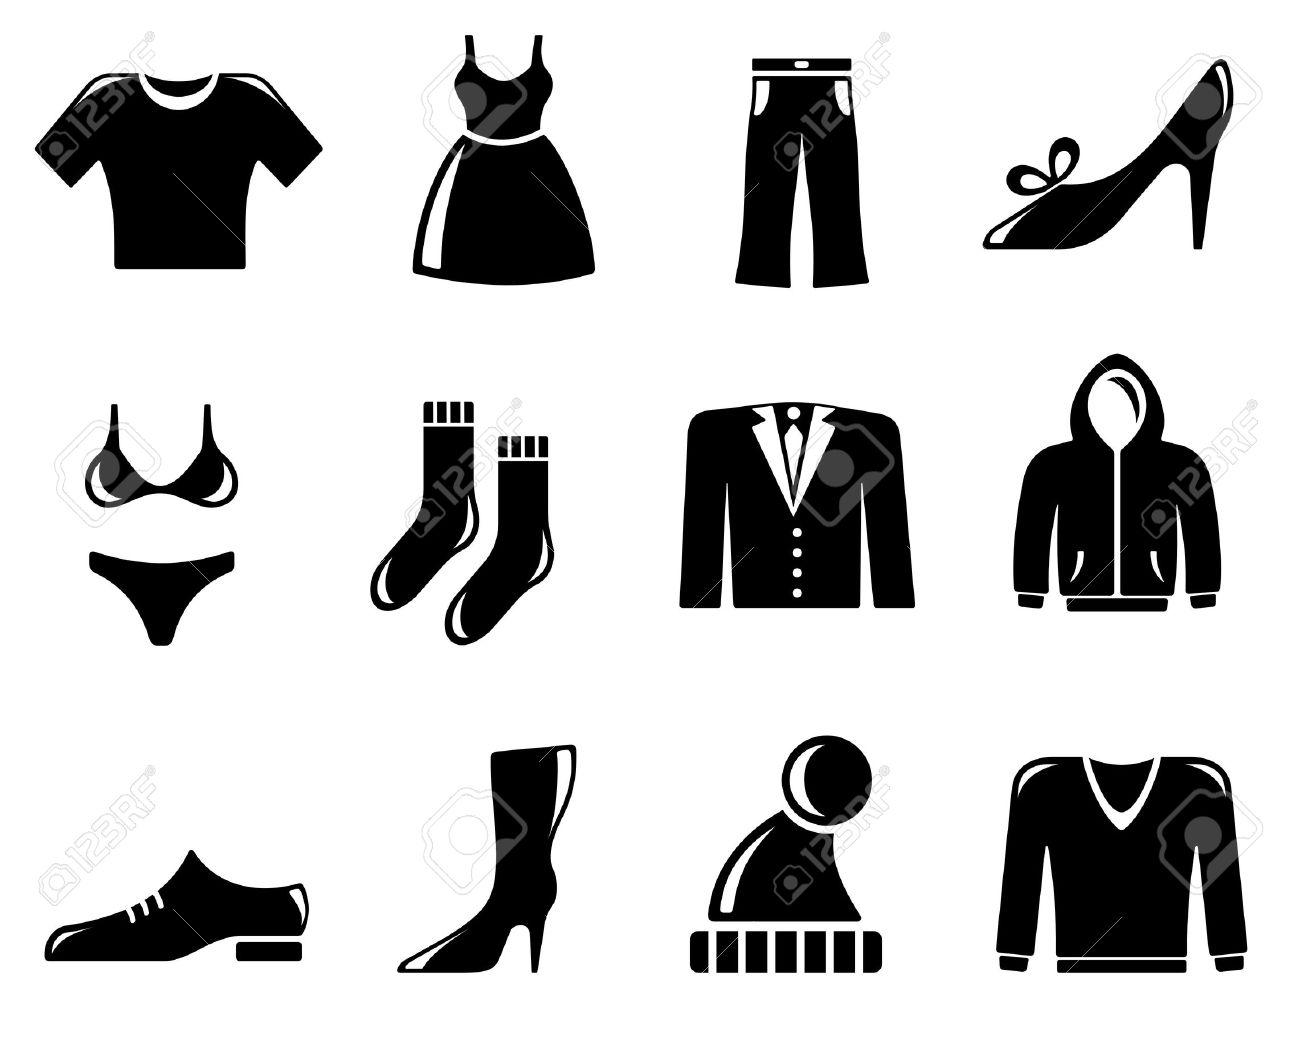 Clothing icon set - 13464473